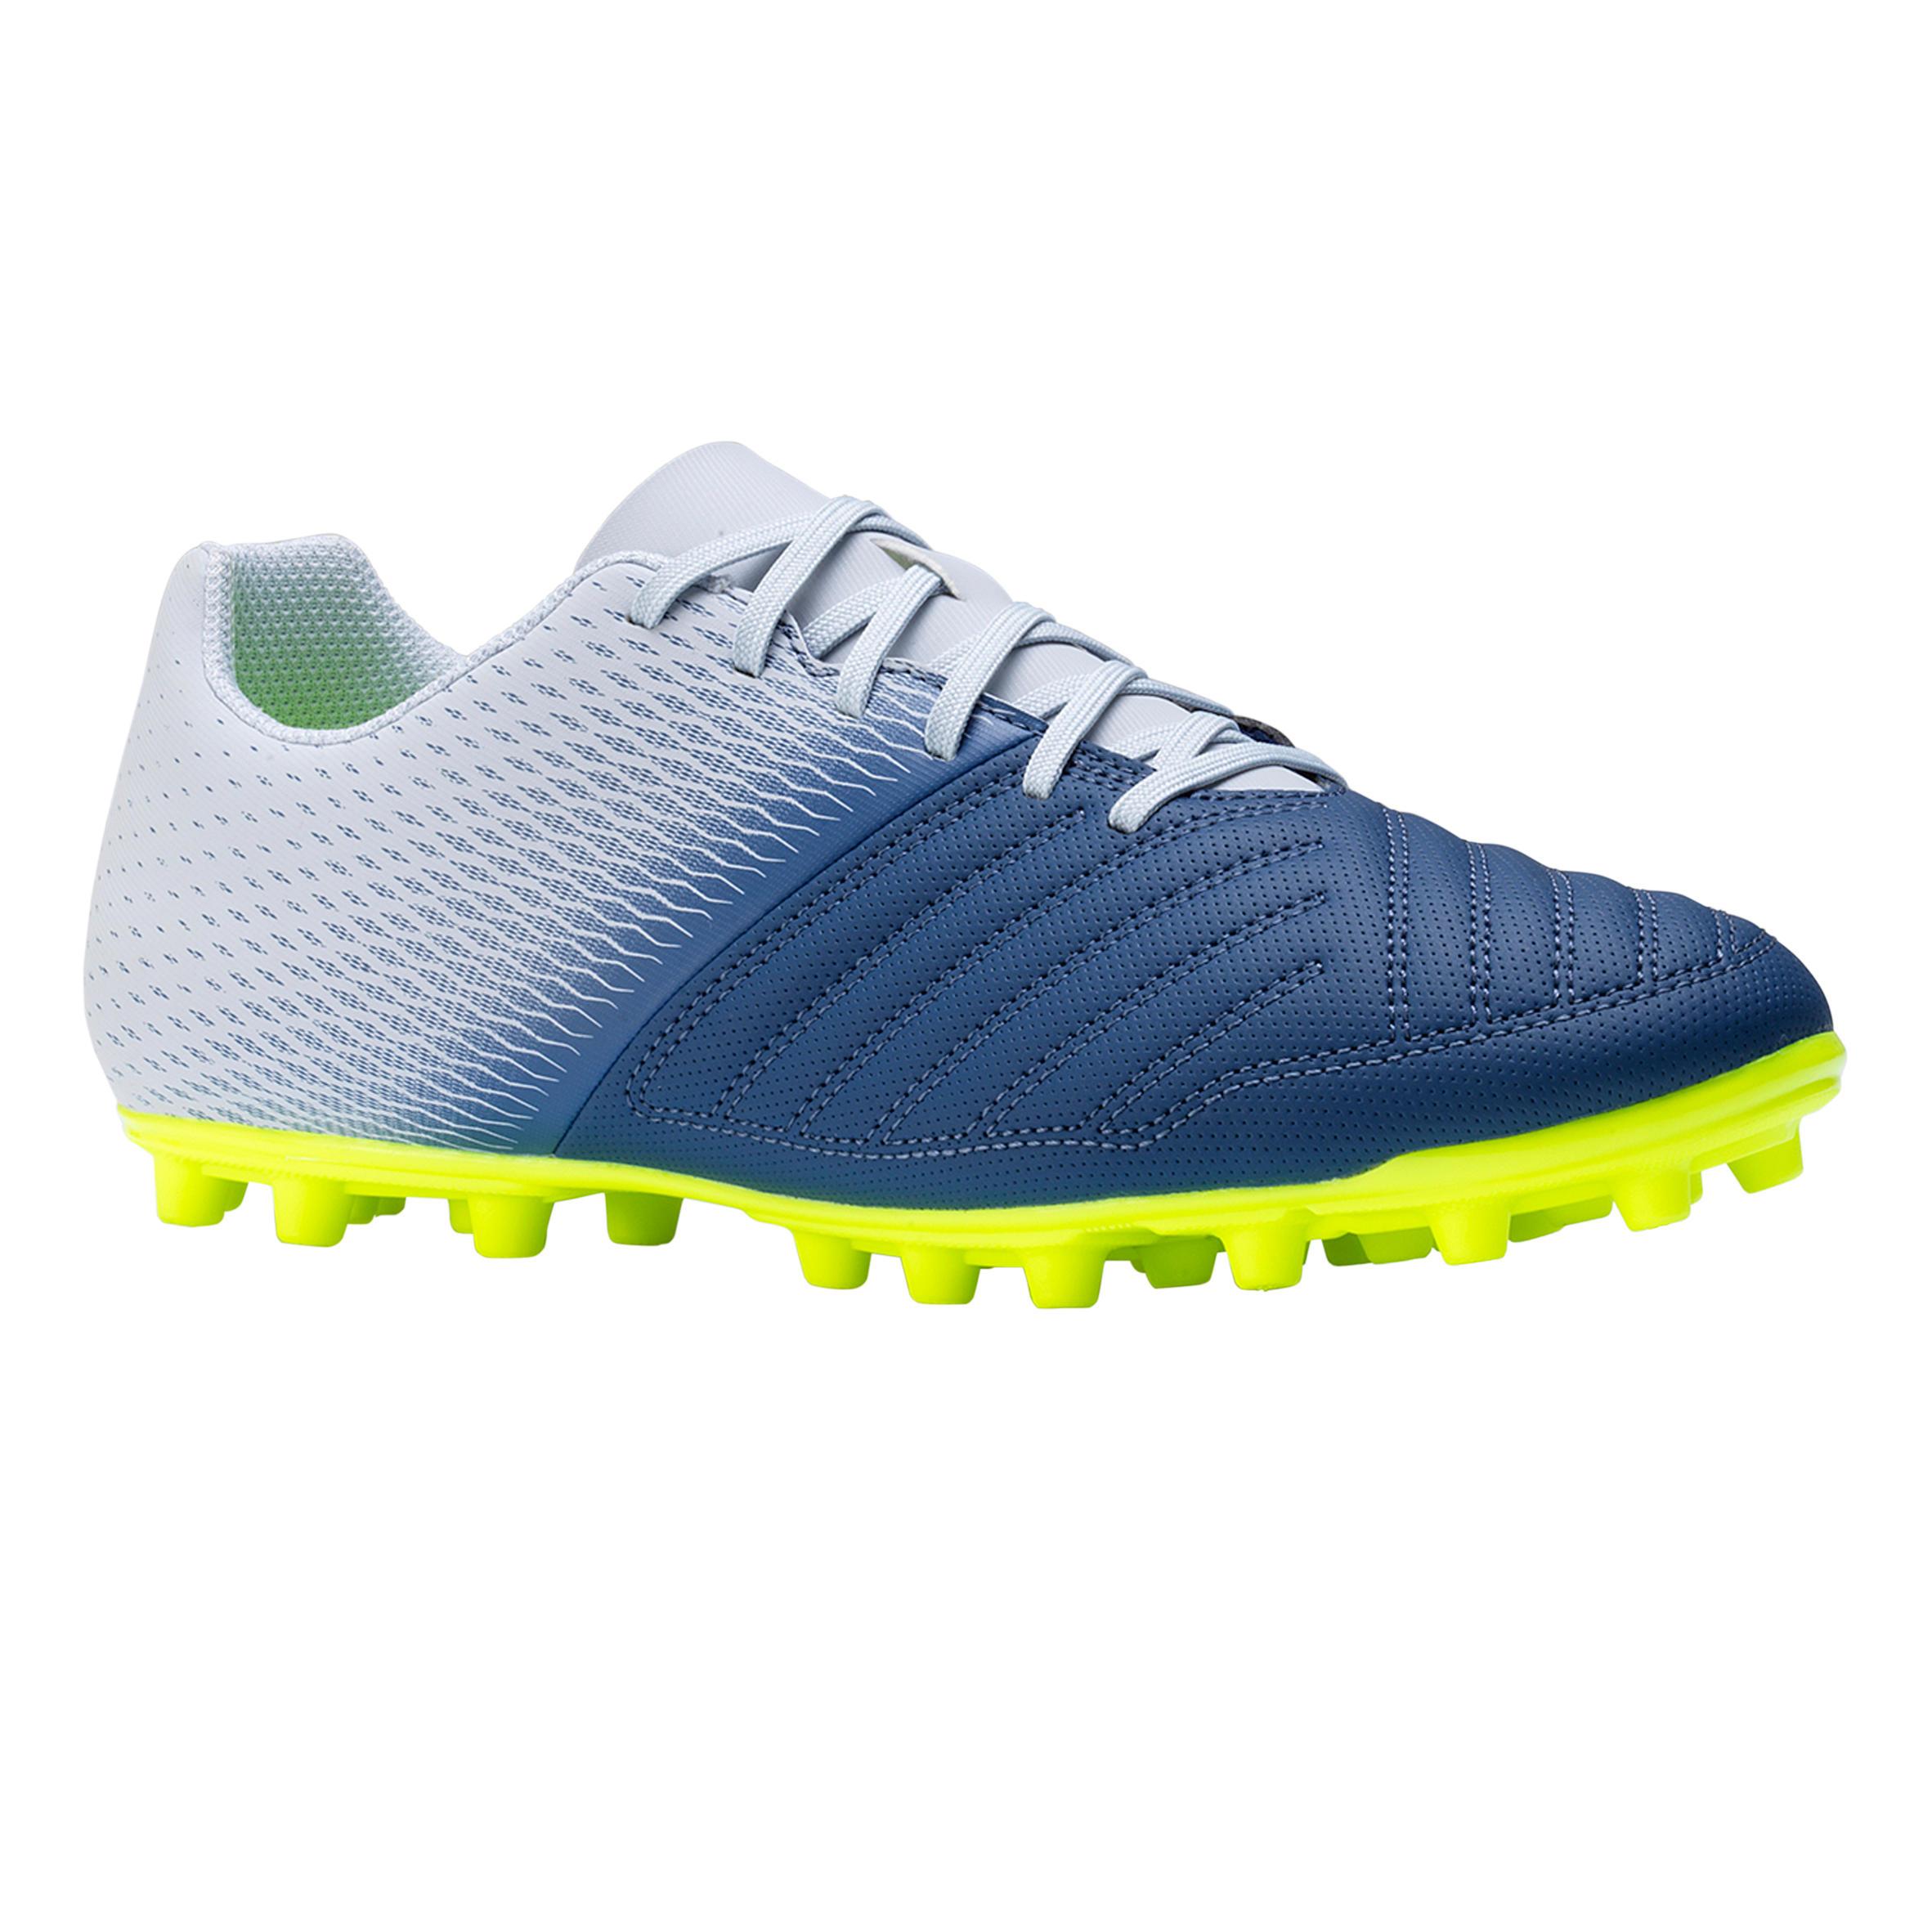 Kipsta Voetbalschoenen Agility 140 AG blauw/grijs